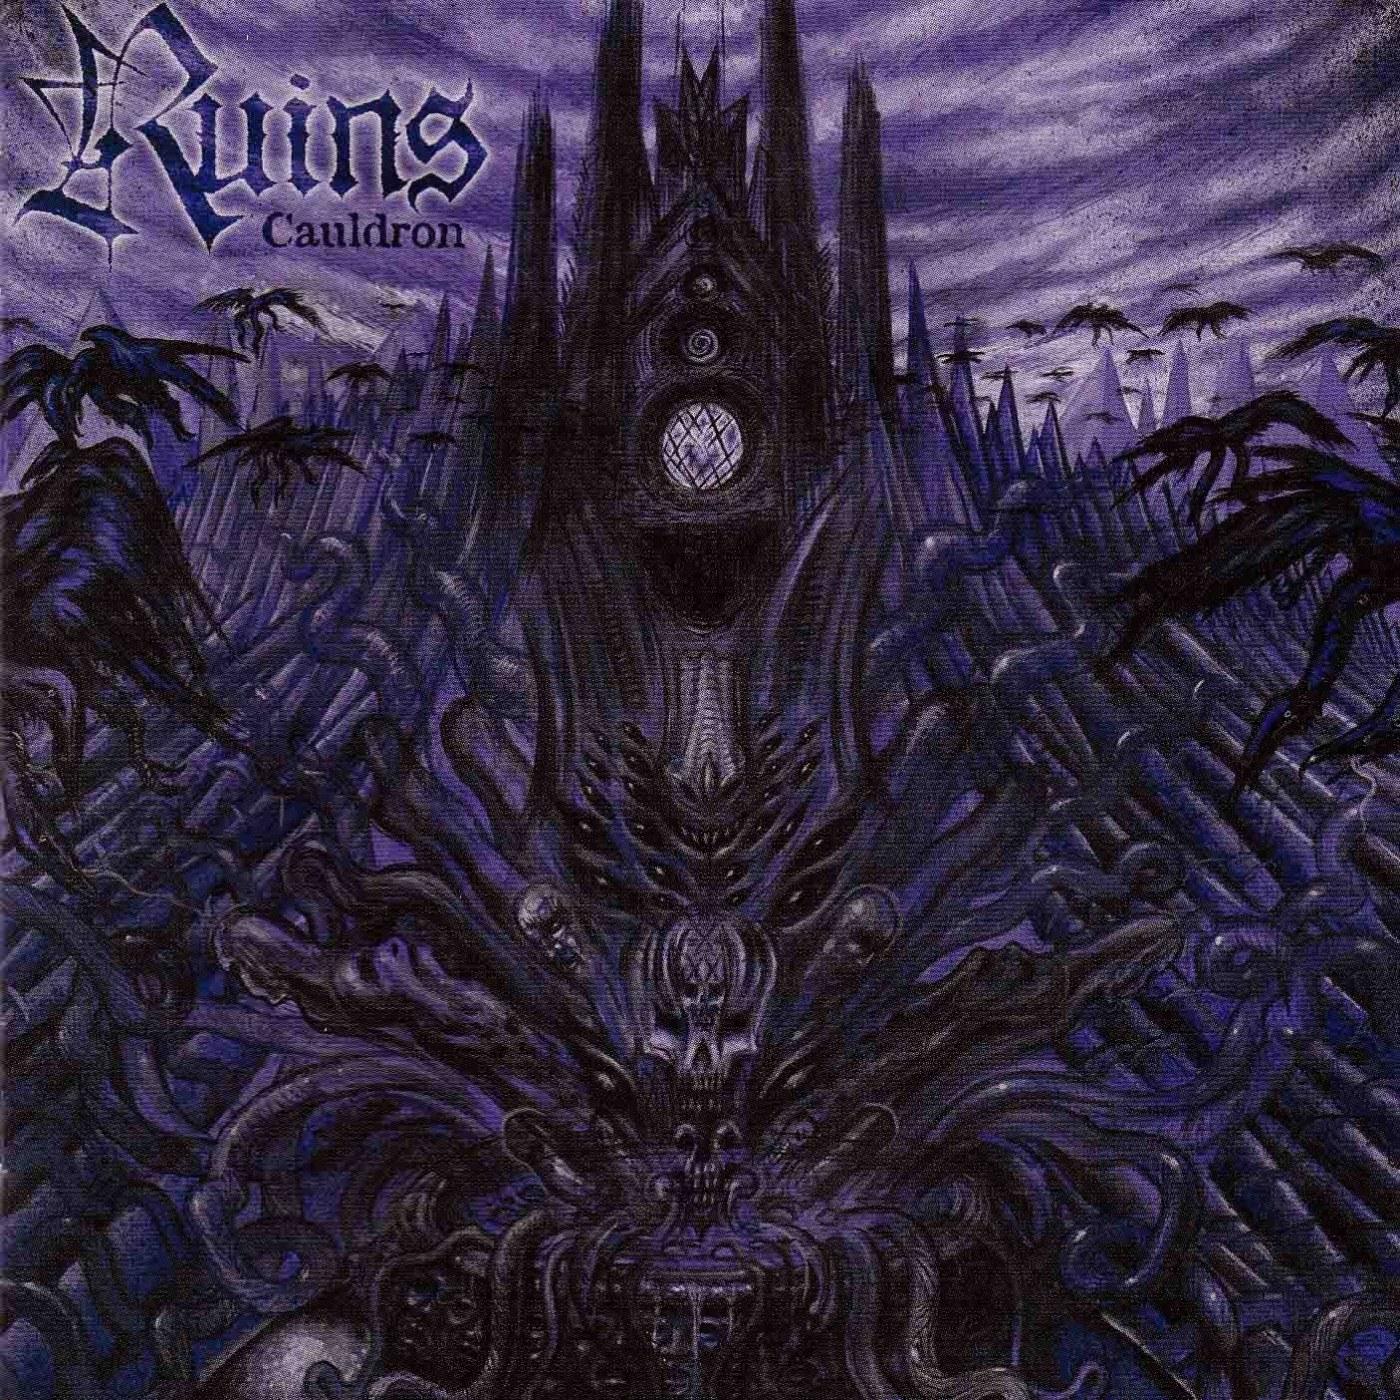 Review for Ruins (AUS) - Cauldron